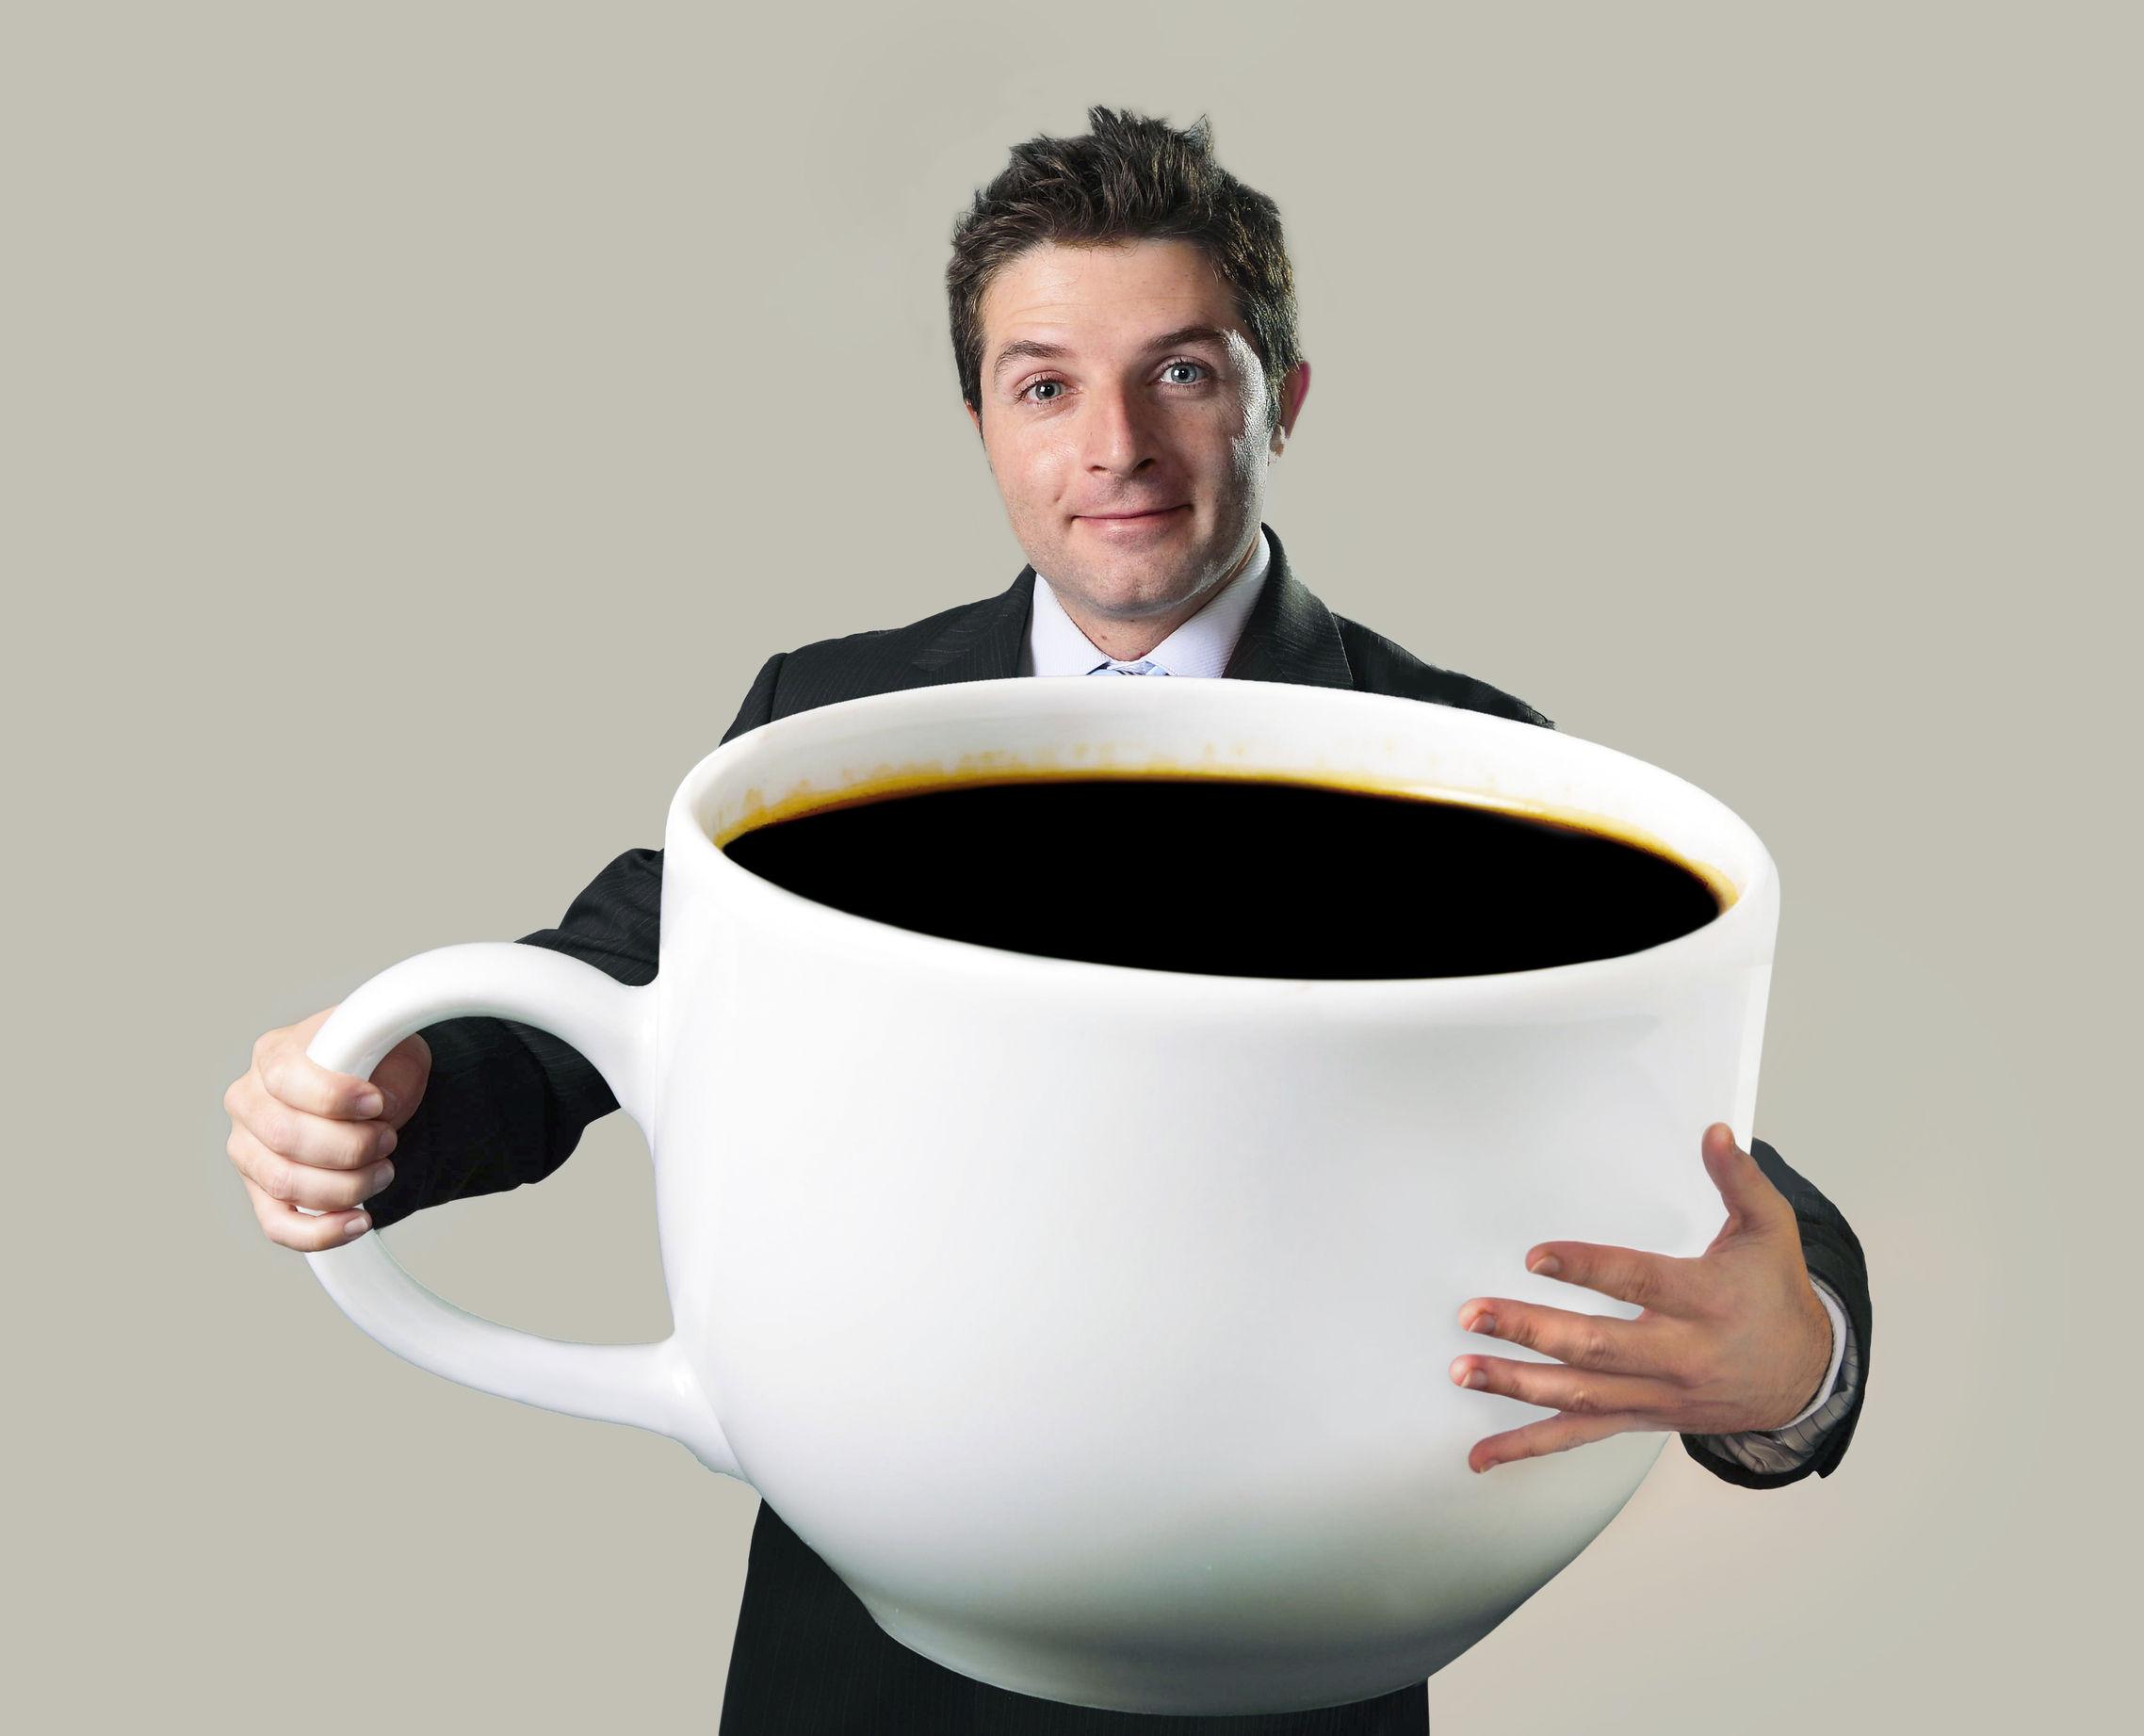 ведь действительно картинка очень большая кружка кофе так как